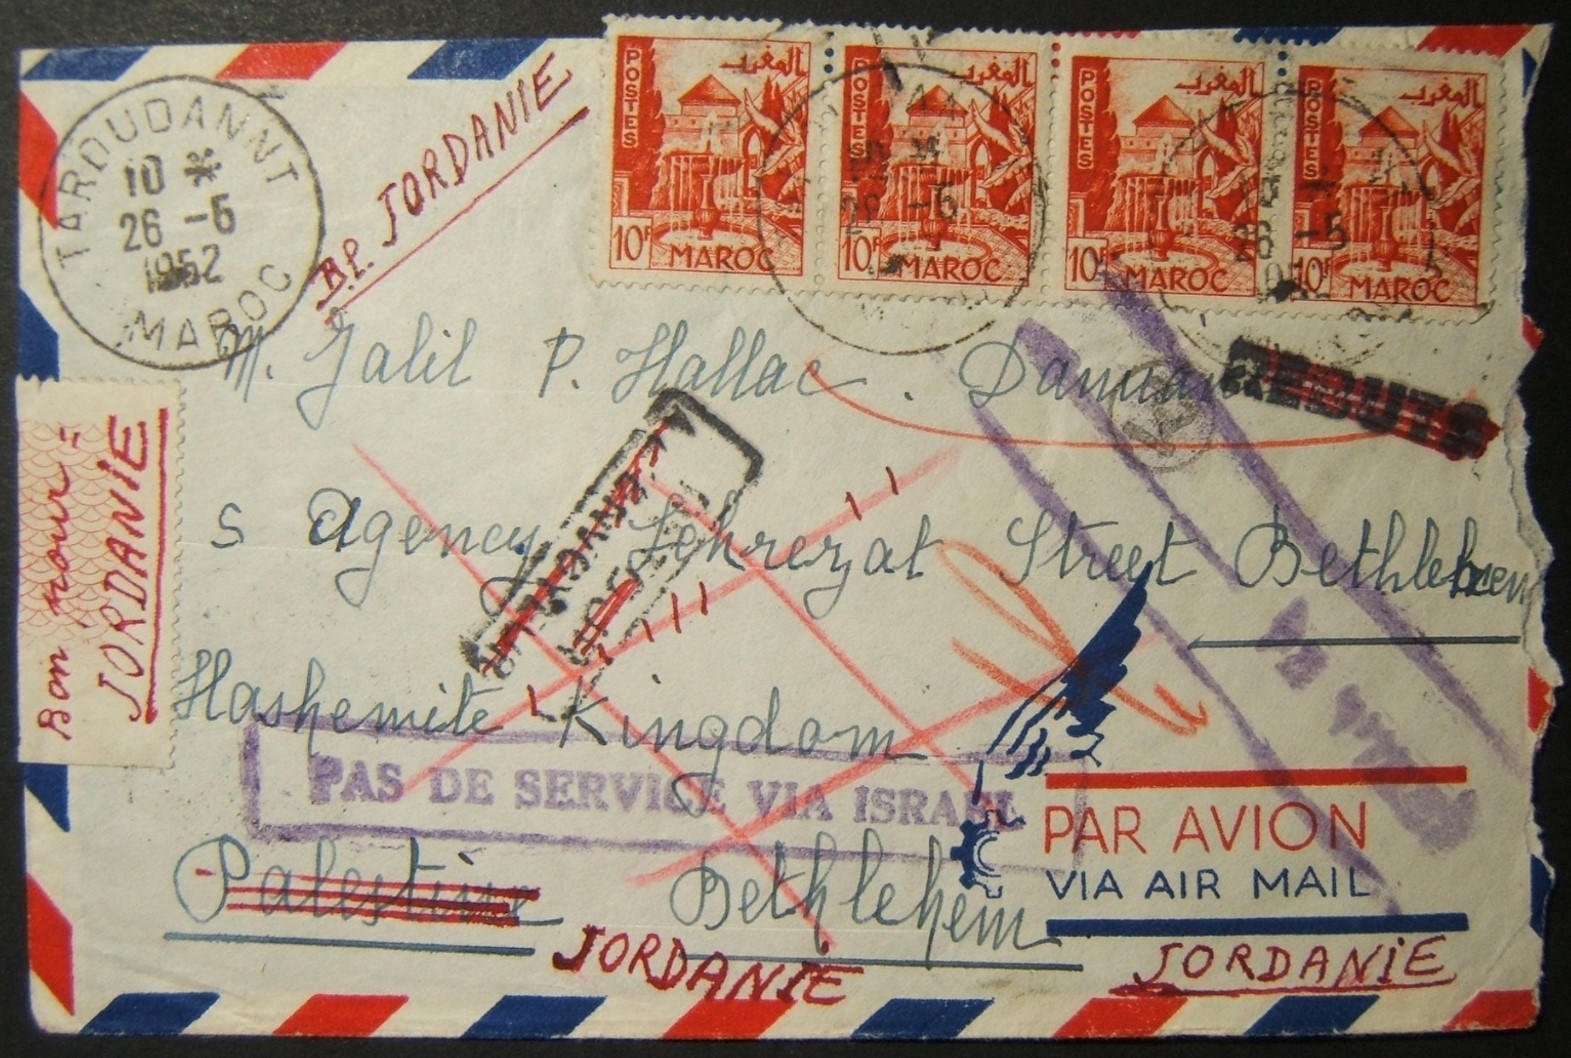 6/1952 דואר אויר מרוקאי לבת'לה דרך ישראל; צנזורה וחזרה; להתרעם